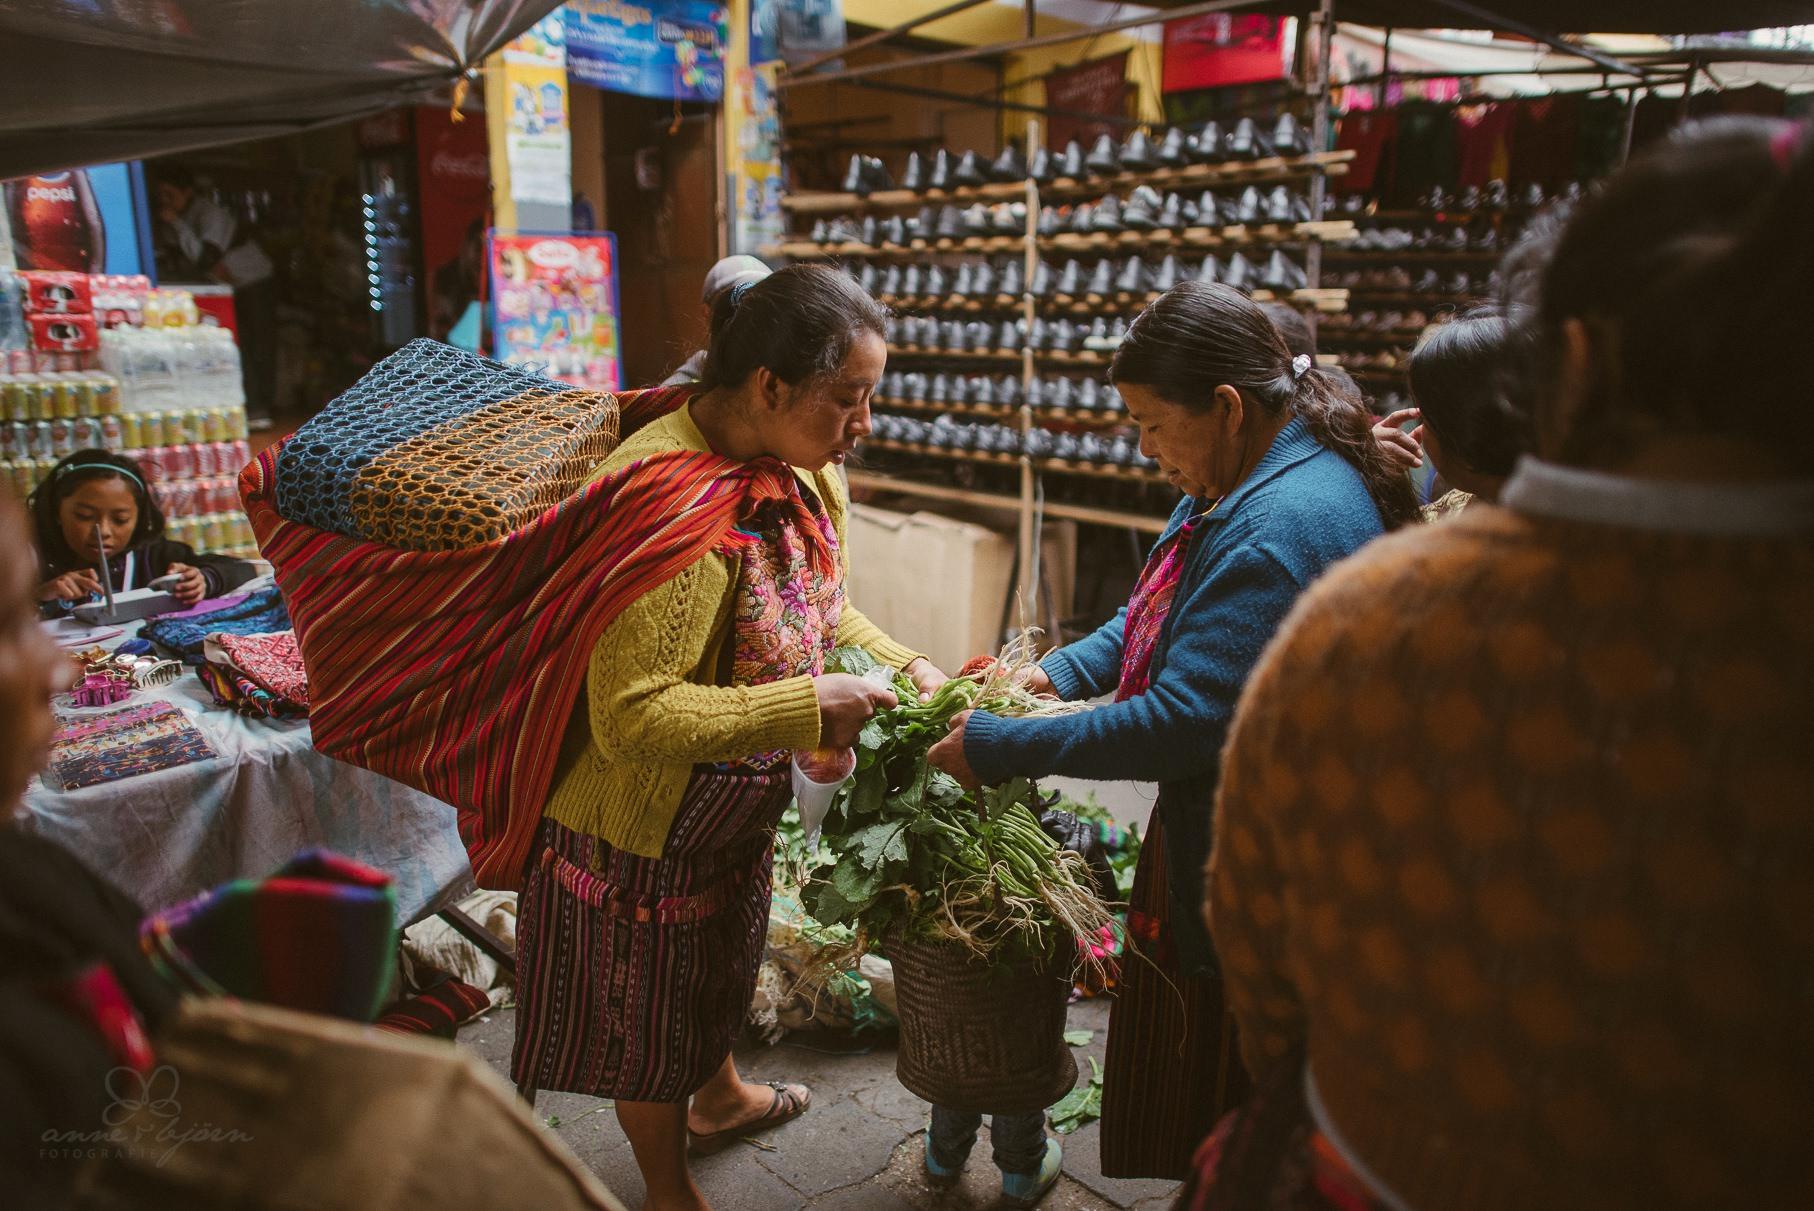 0141 anne und bjoern guatemala d75 2639 - 4 Wochen durch Guatemala - backpacking durch Mittelamerika